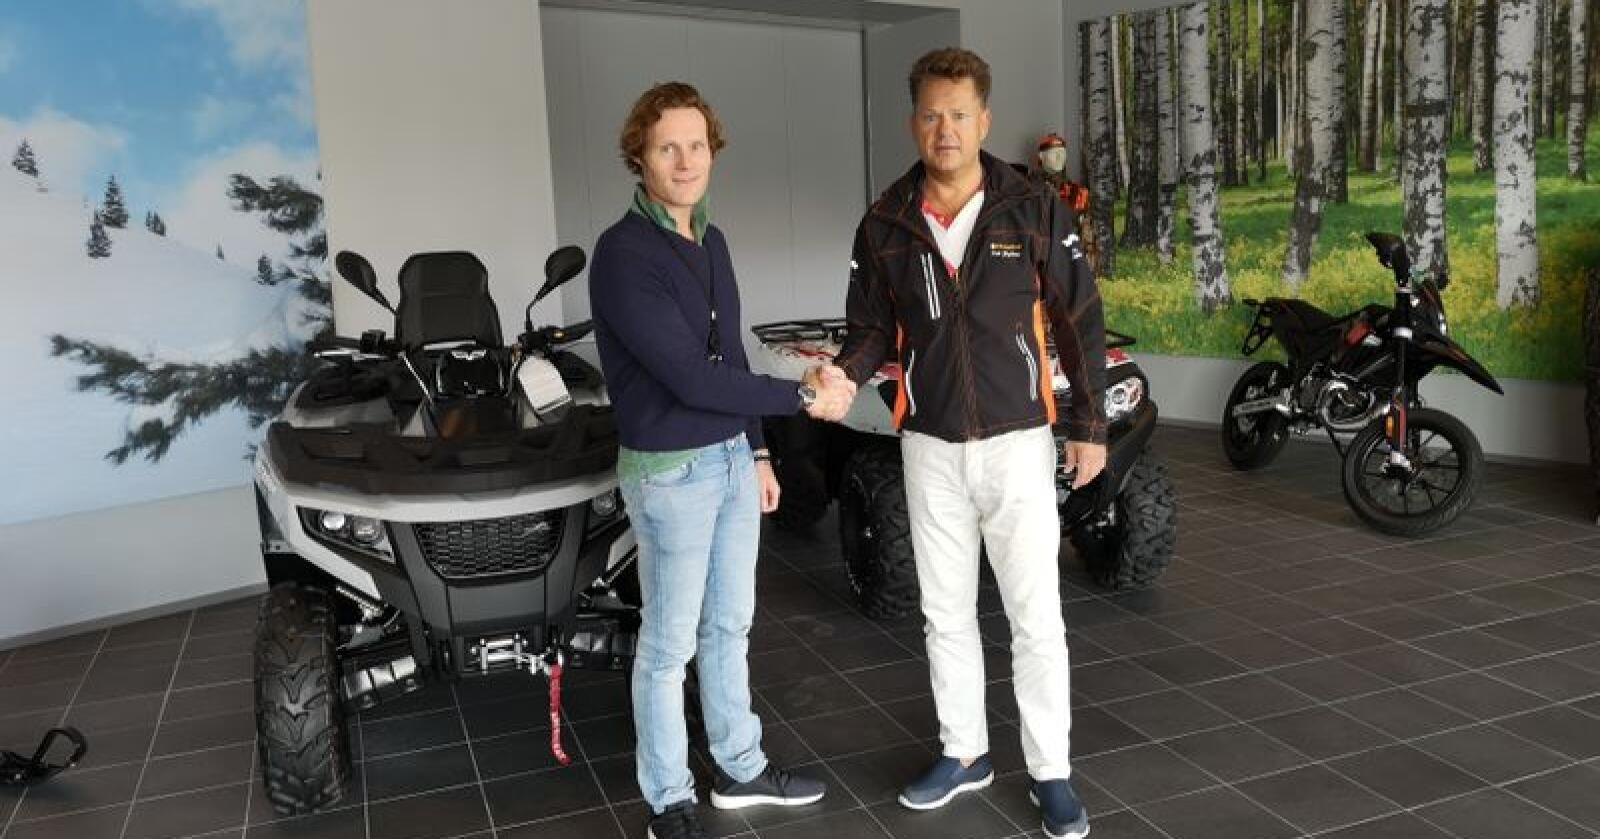 ATV-avtale: Thommas Fylling (t.v.), produktsjef hos Erling Sande AS, og Erik Grefberg, administrerende direktør i A-K Maskiner, tar hverandre i hendene over distribusjonsavtalen.